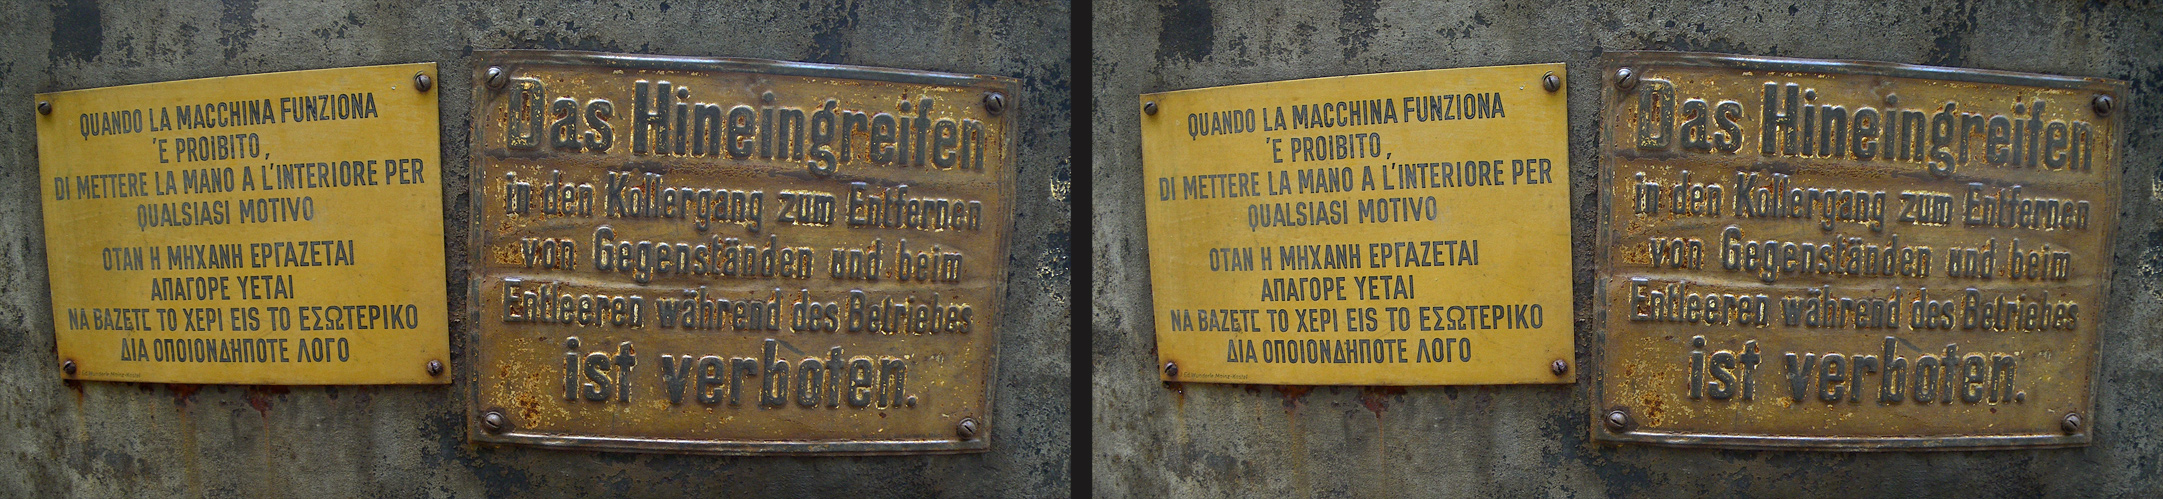 Hineingreifen ... verboten